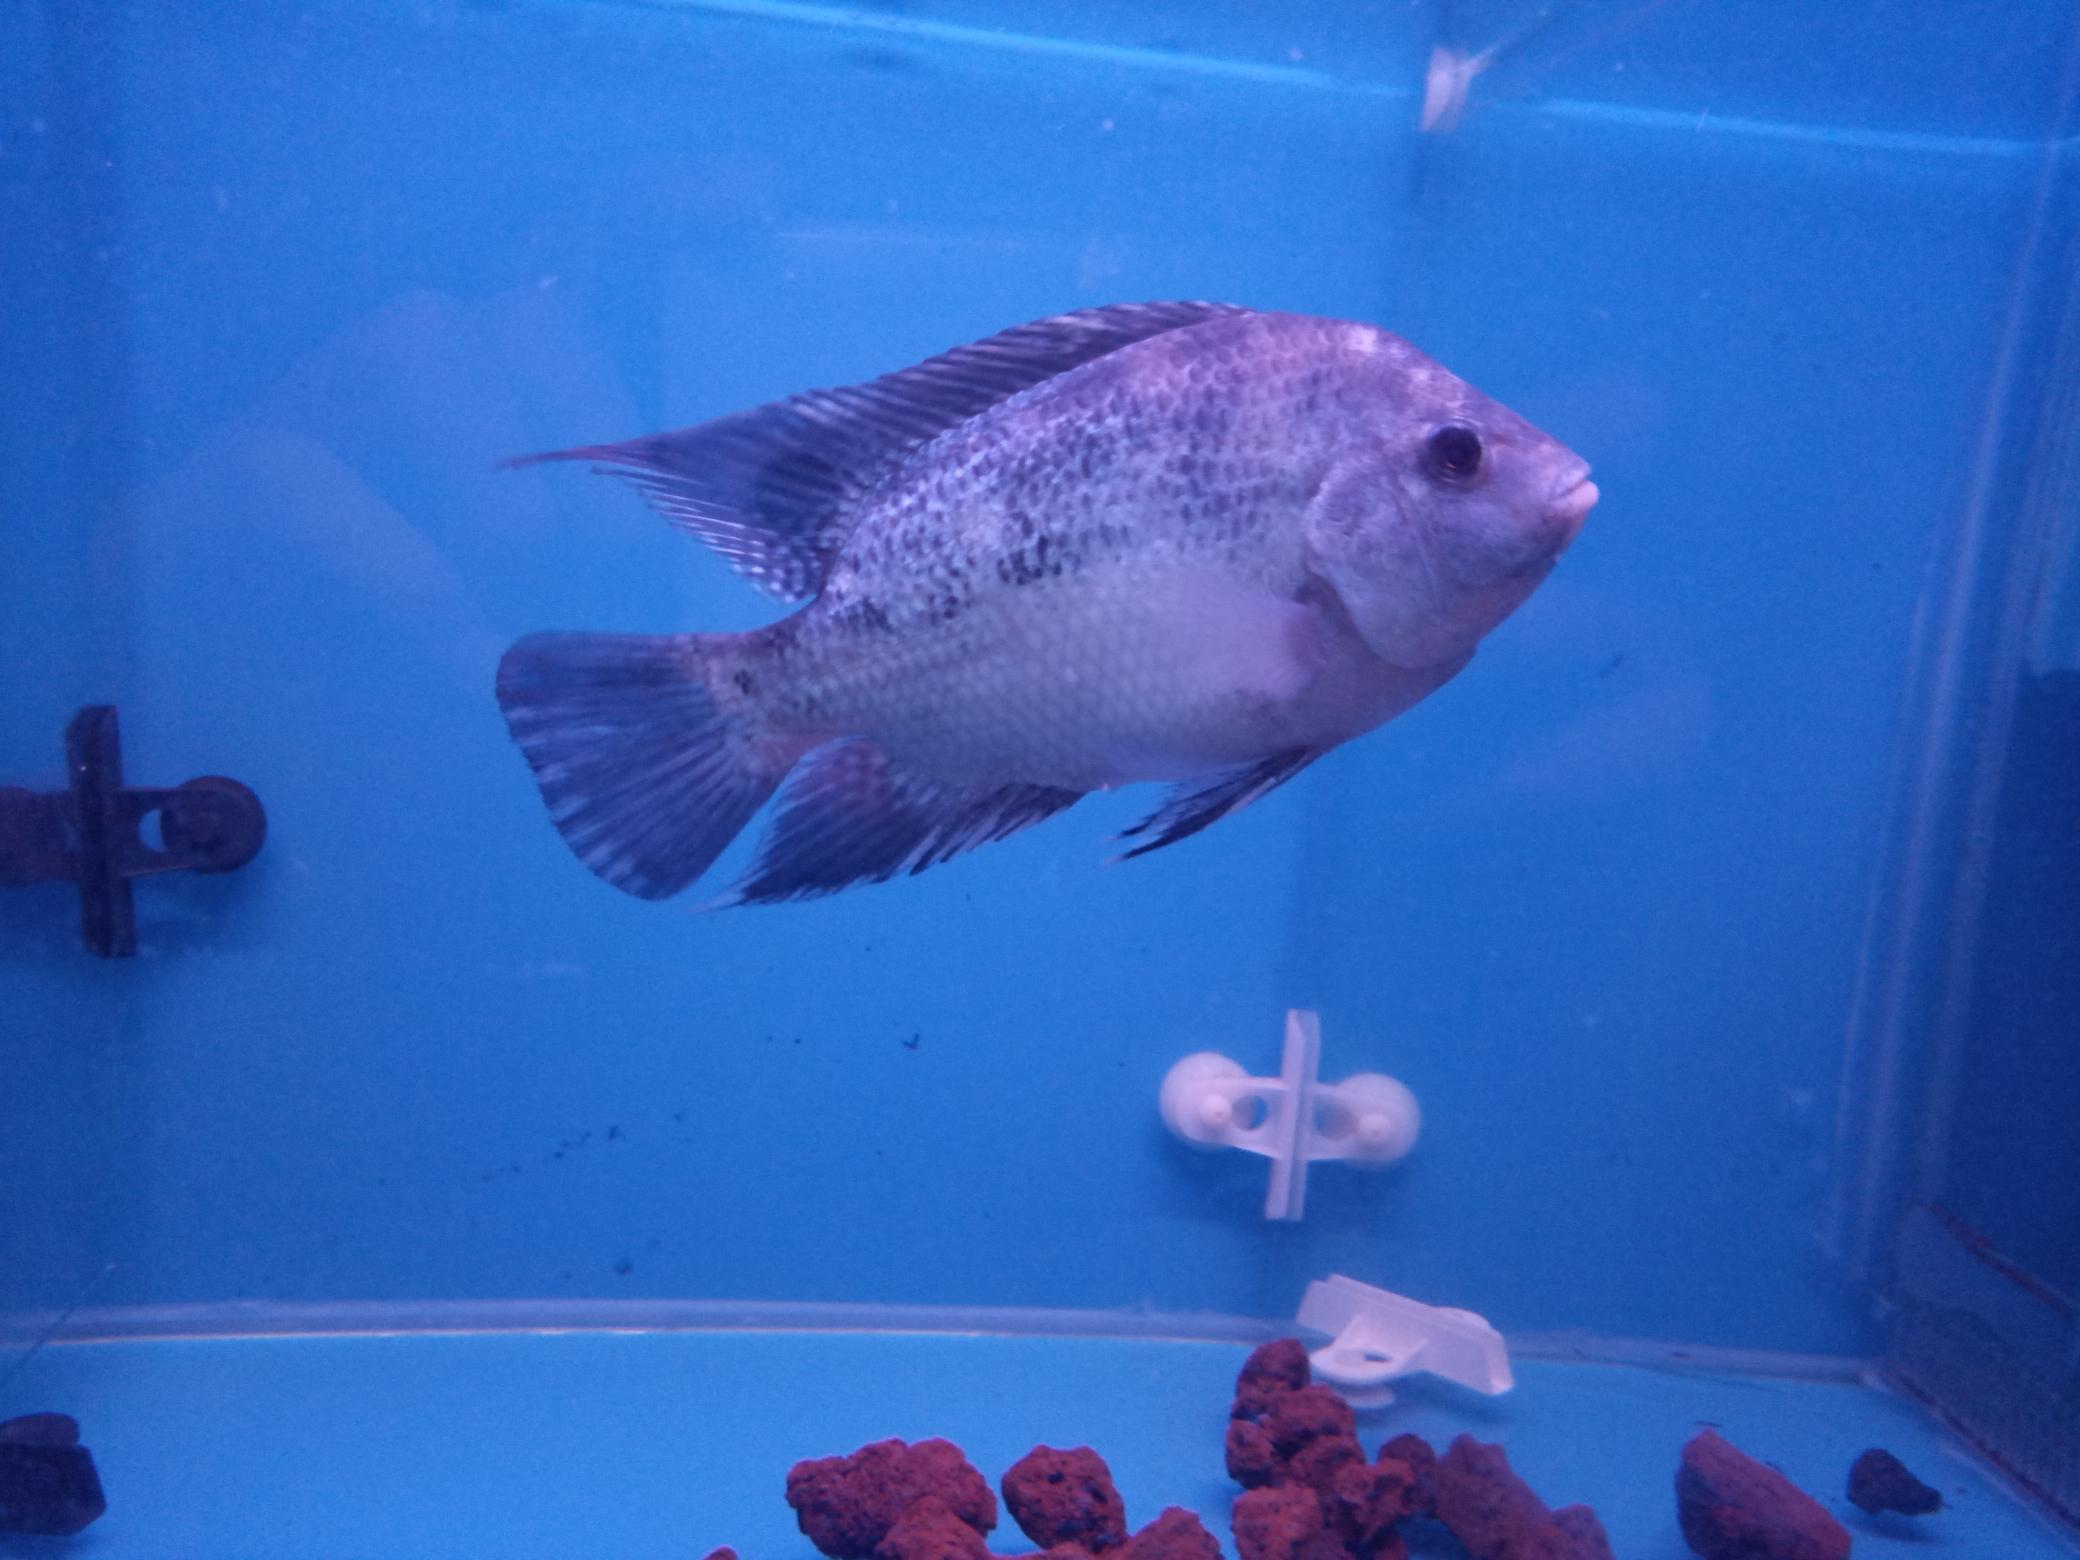 自繁金花记录罗汉鱼 合肥观赏鱼 合肥龙鱼第7张